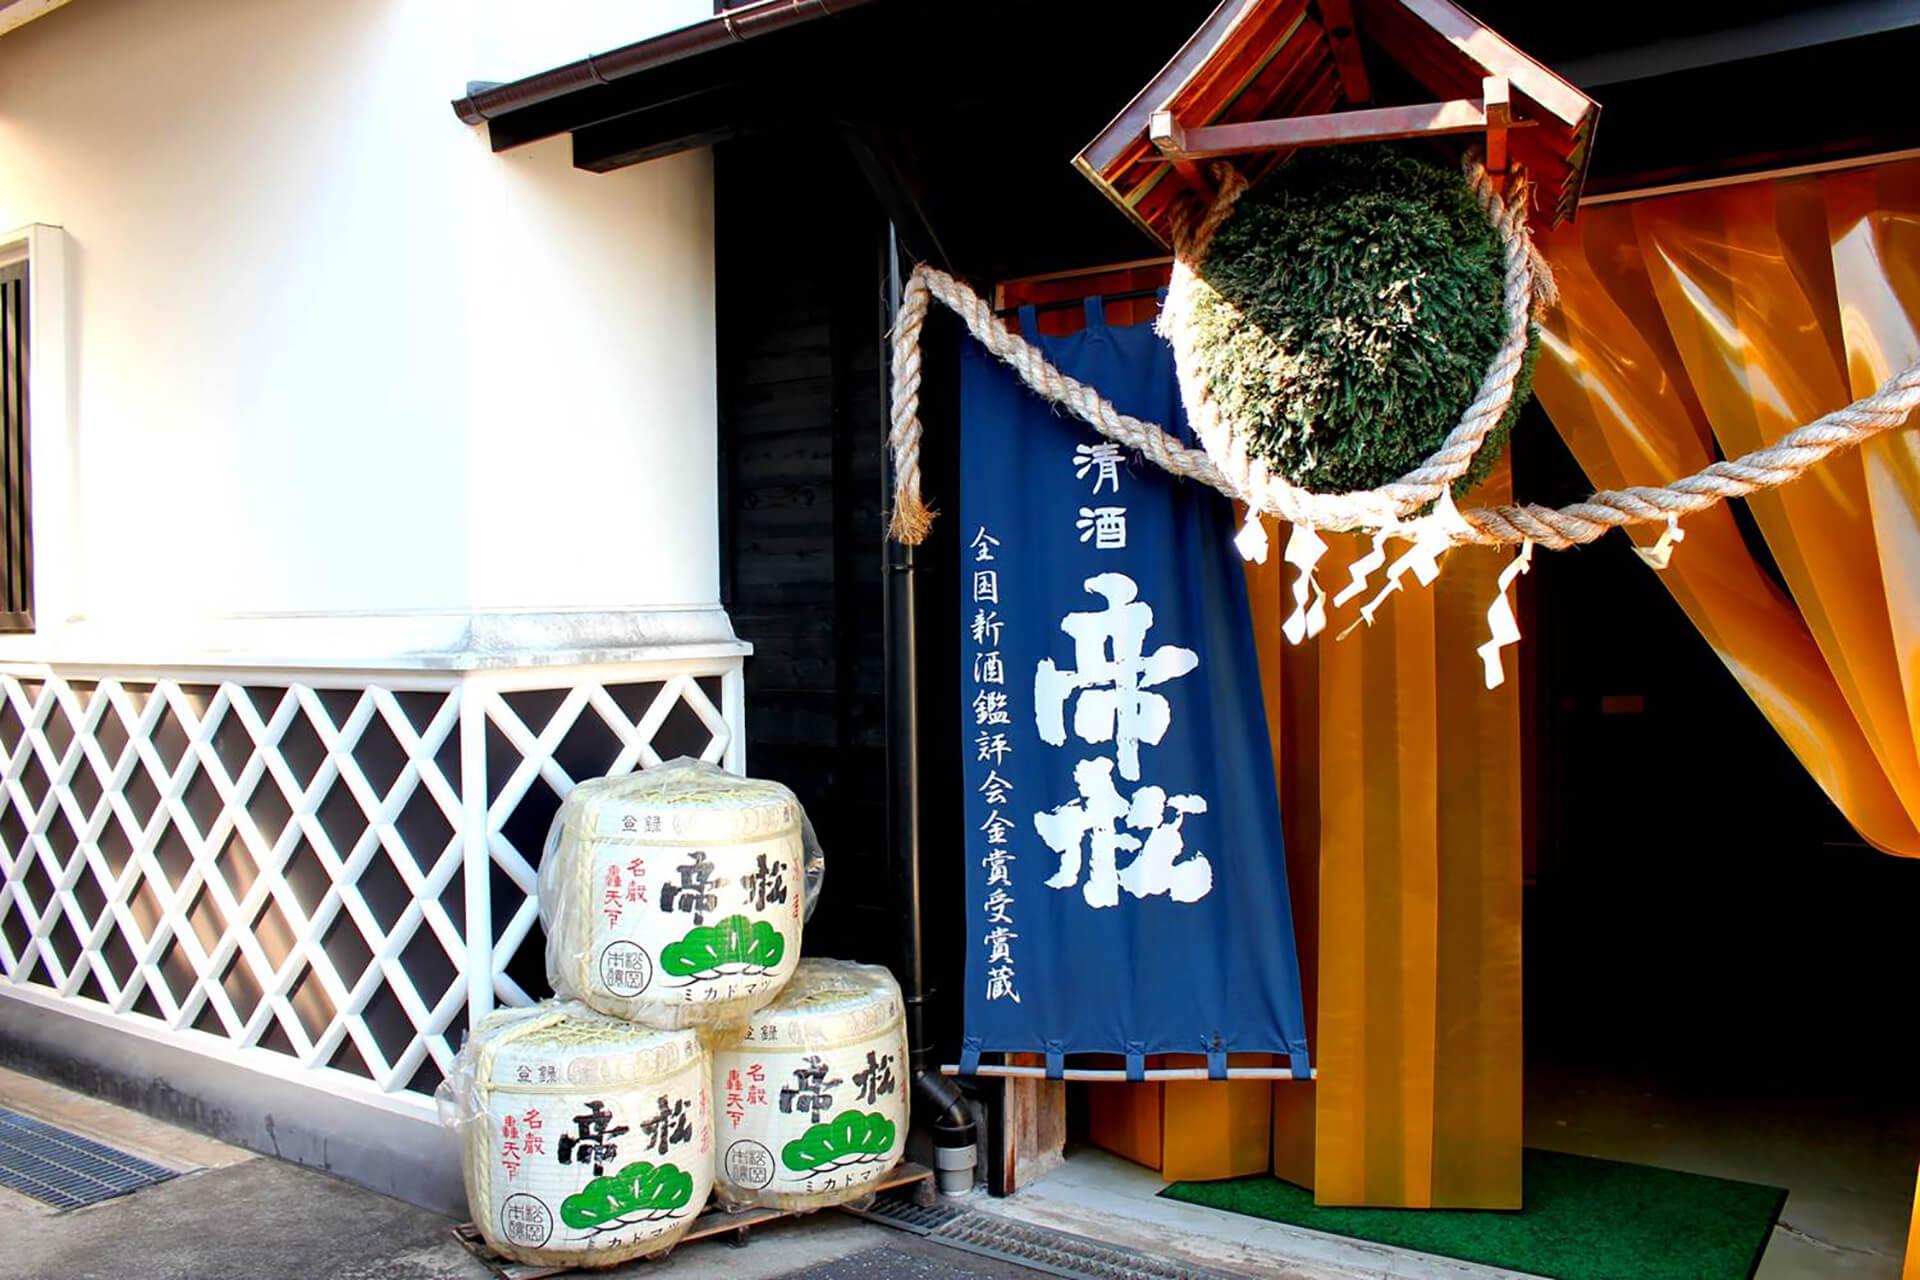 新体験!厳選!日本酒4蔵のバーチャル酒蔵ツアー! 松岡醸造株式会社